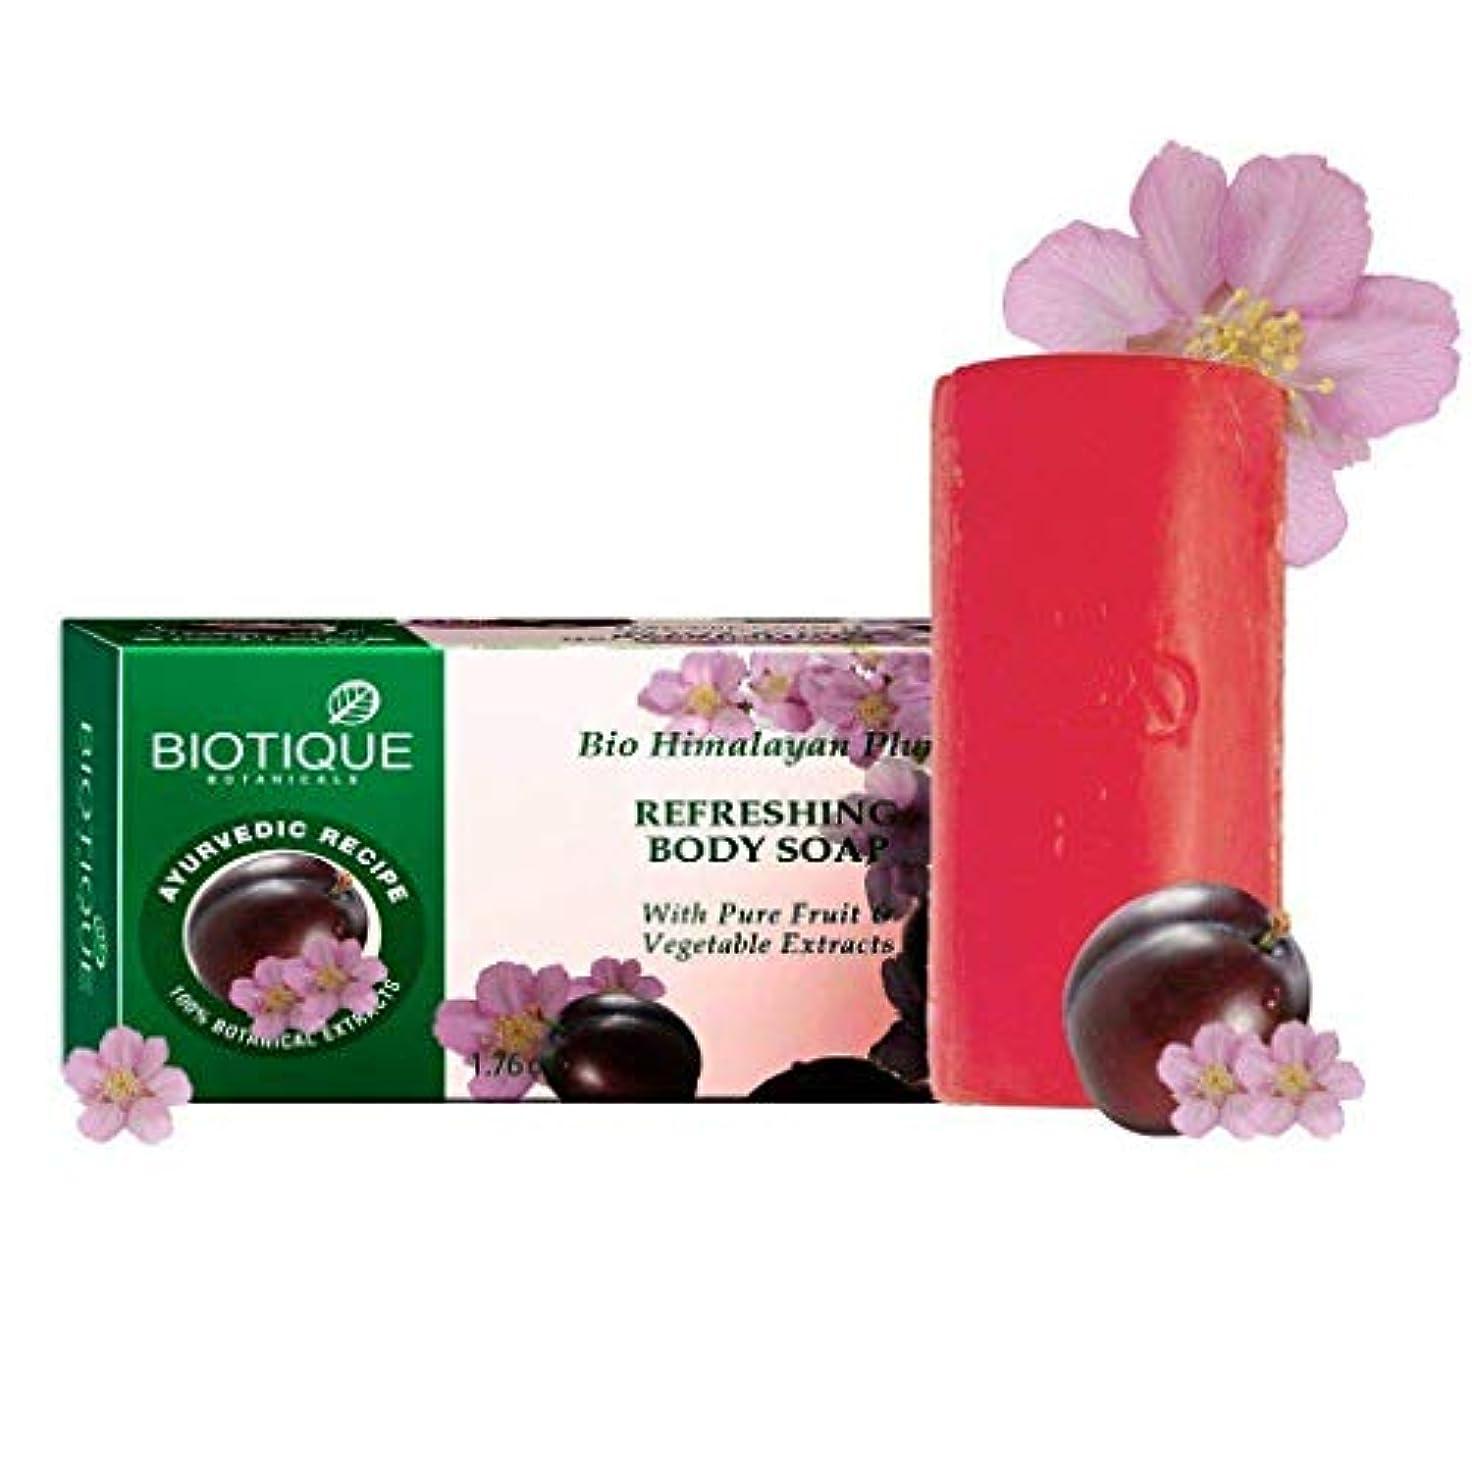 間欠何よりも国籍Biotique Orange Peel Revitalizing Body Soap 150 gm (Pack of 2) Unique Soap ビオティックオレンジピールリバイタライジングボディソープユニークソープ